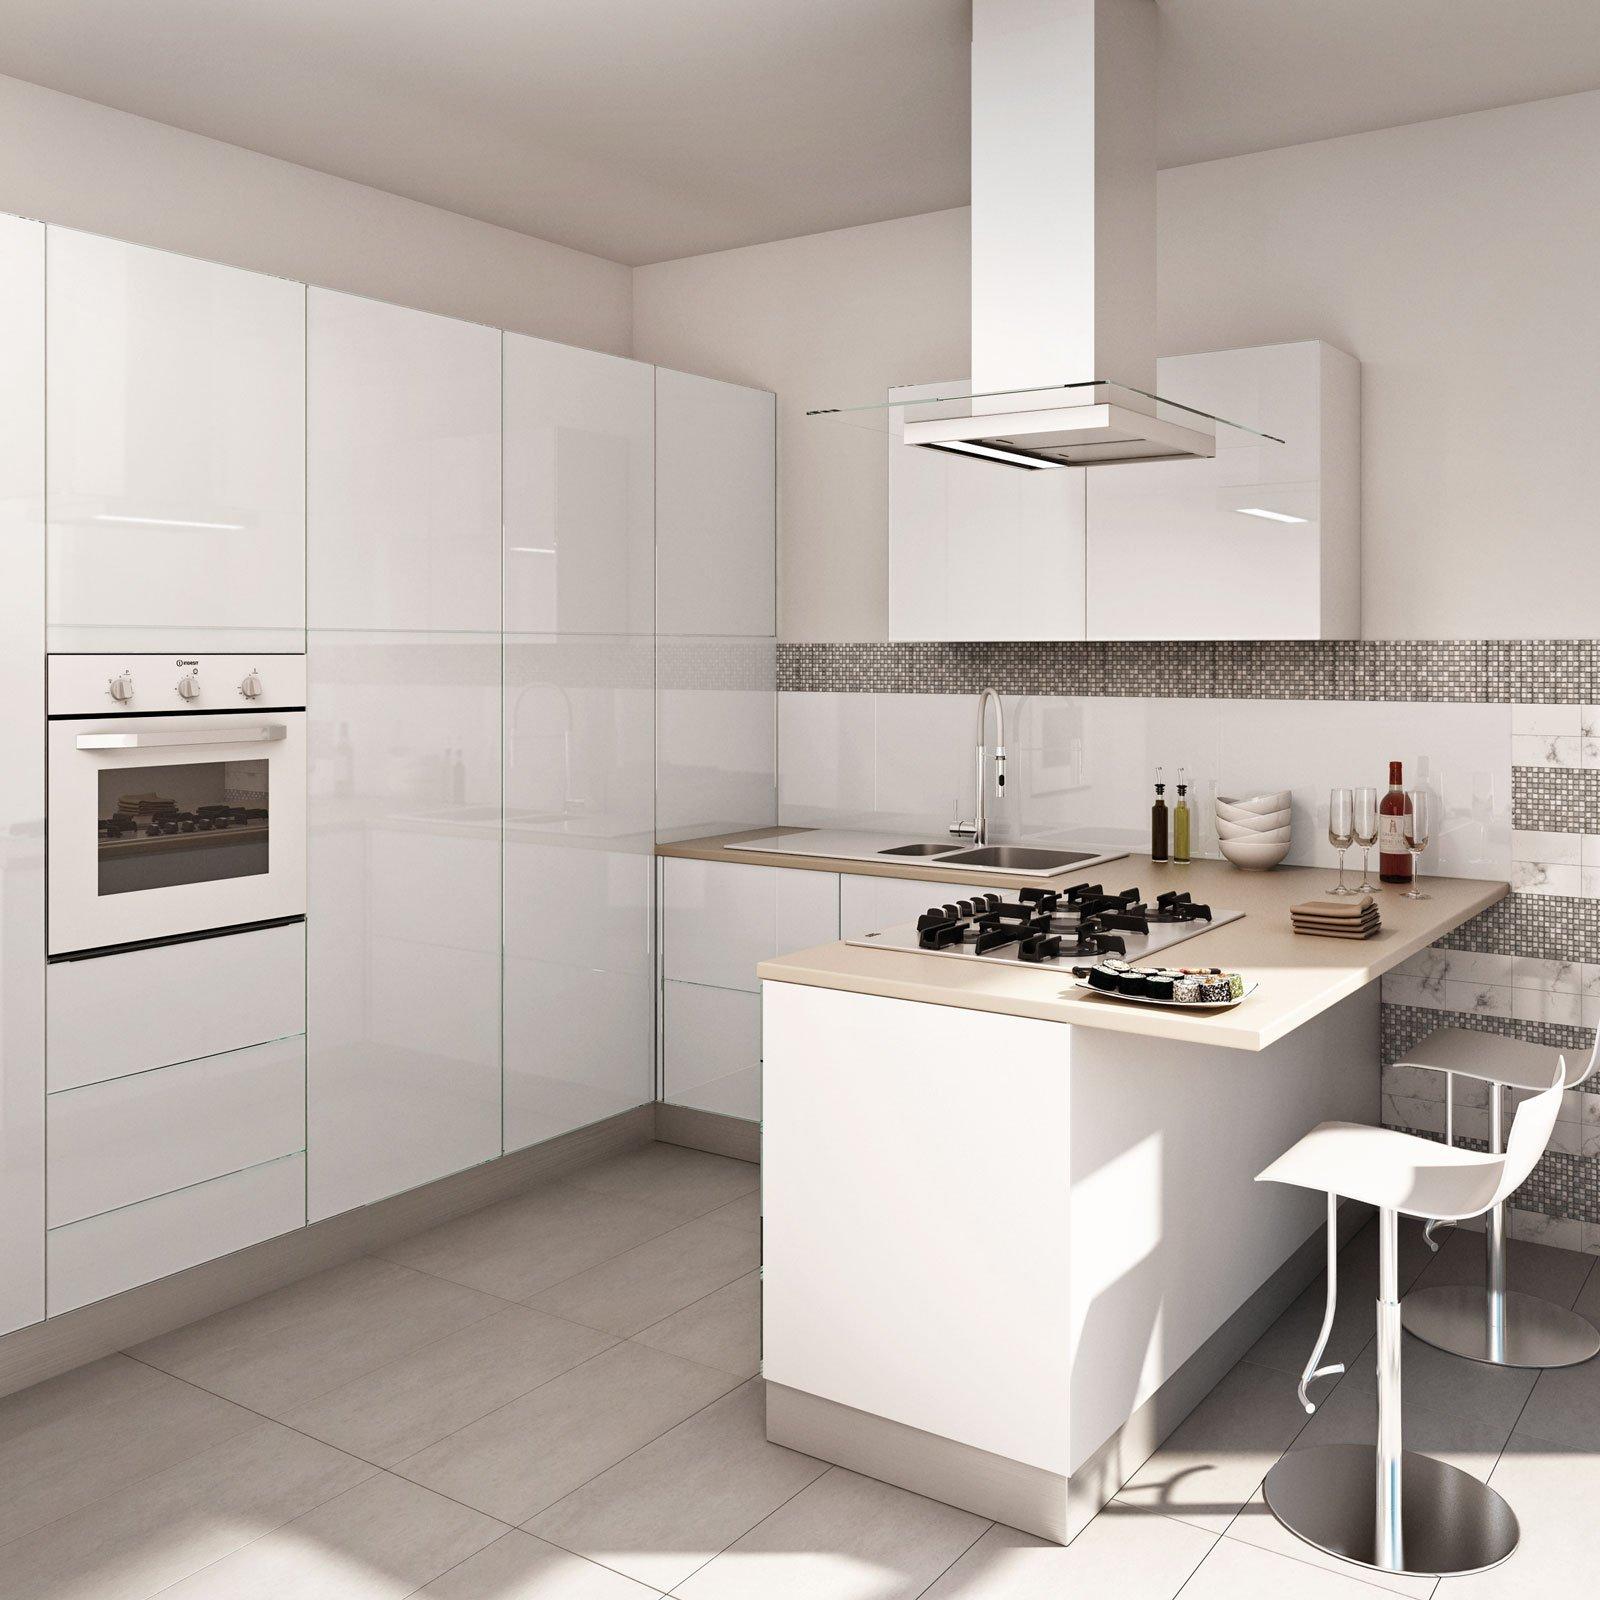 Cucina bianca il fascino eterno della luminosit cose di casa - Cucina laccato bianco ...